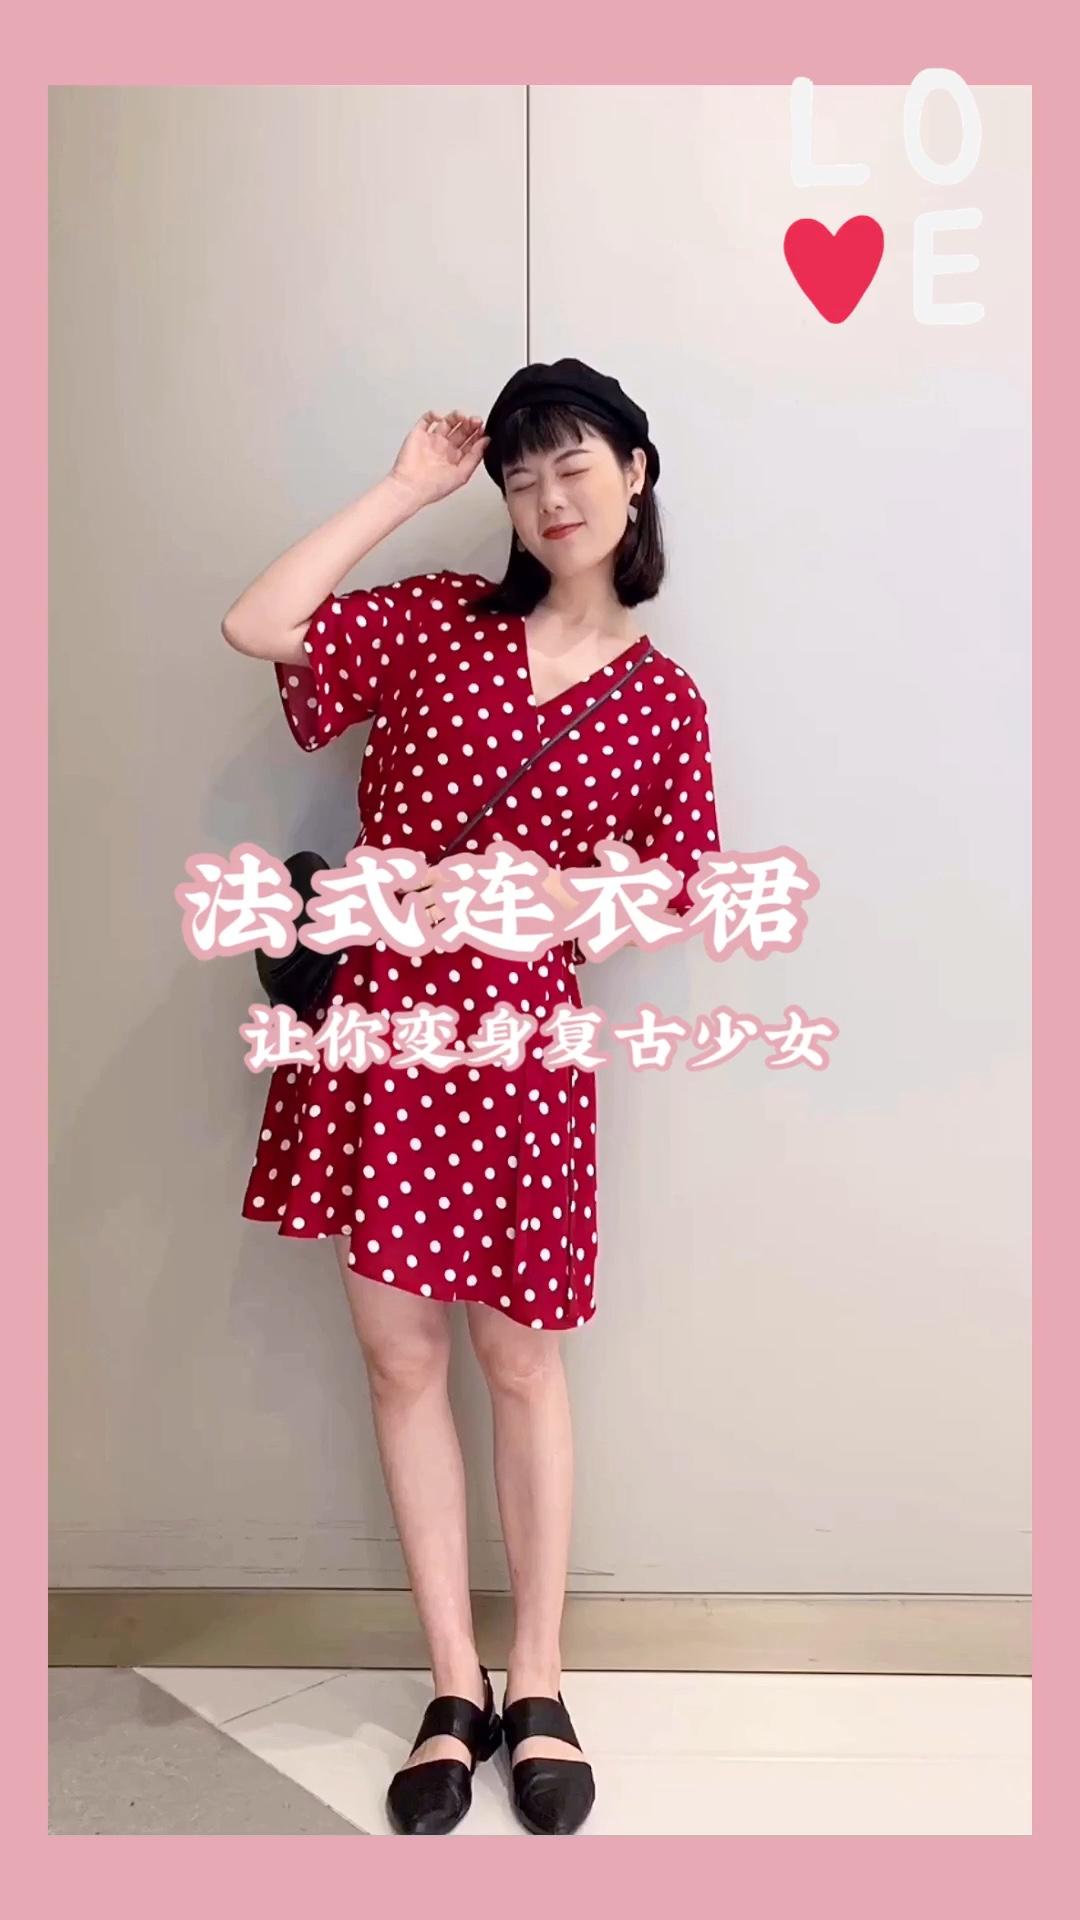 #Lolita合集:高甜少女都在这里!#   法式波点连衣裙 这个领子的设计特别显气质 红色的波点还带复古气息 很适合拍照啦 随便拍都好看